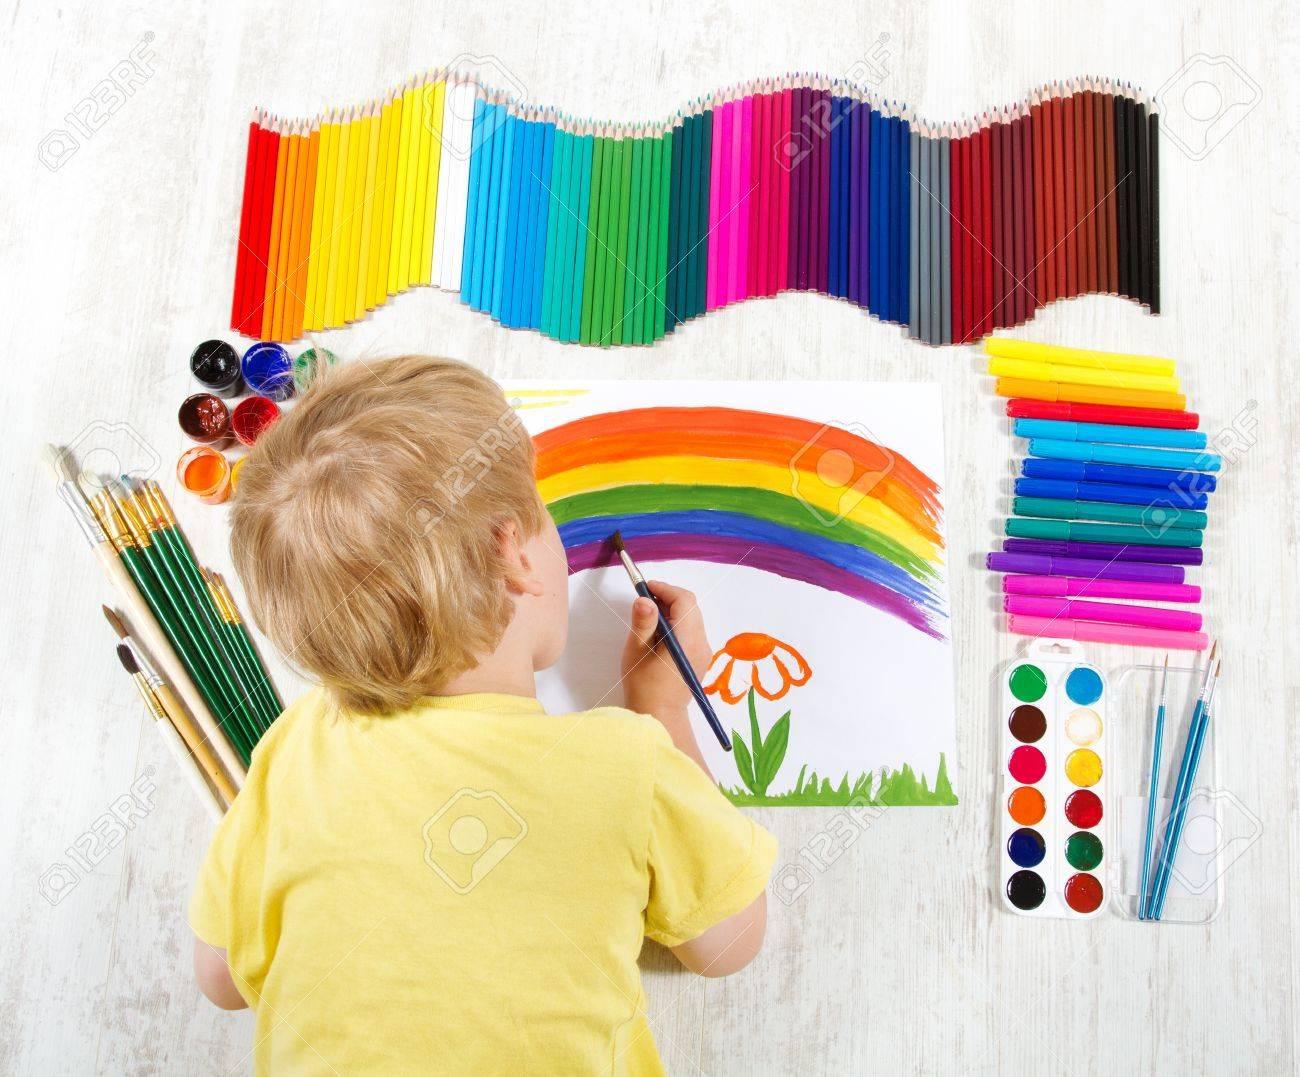 pincel pintando. niño pintando con pincel imagen en el álbum una gran cantidad de herramientas pintura